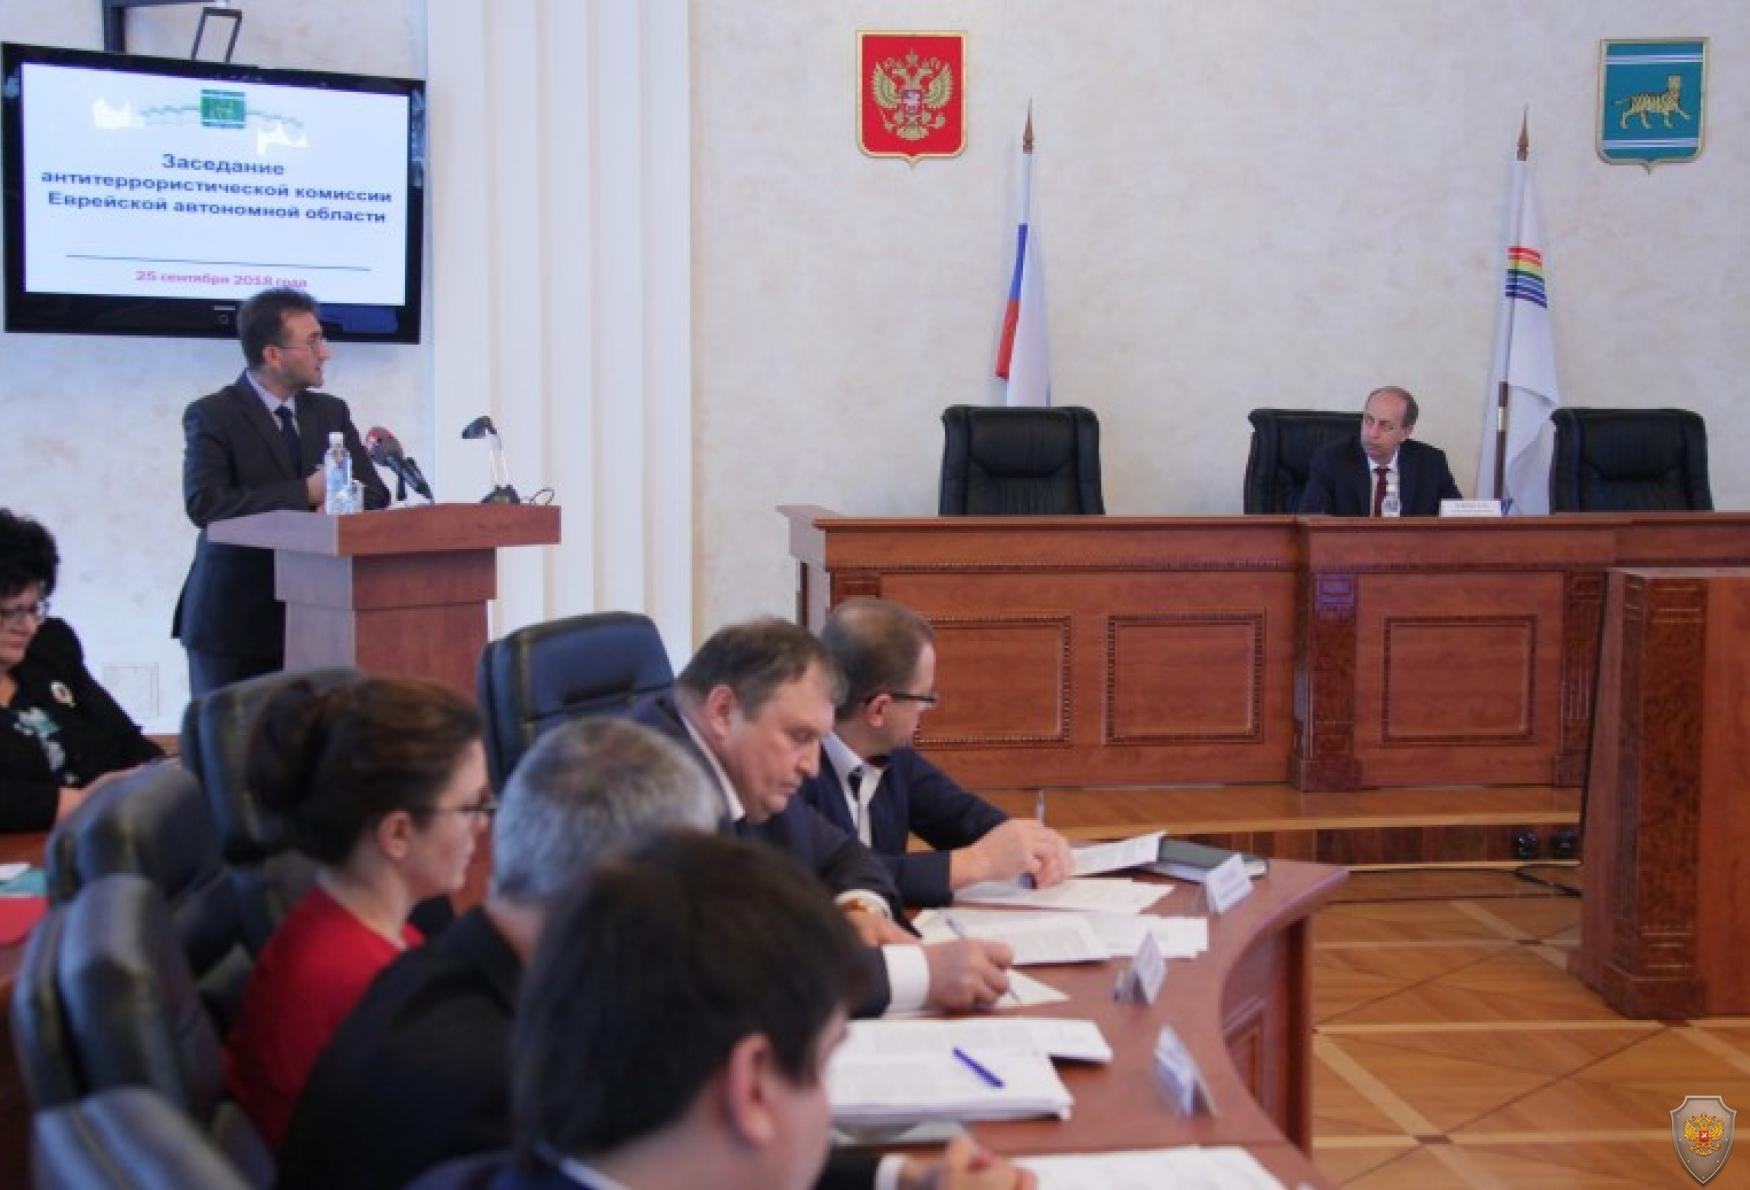 Под председательством губернатора области Александра Левинталя состоялось заседание областной антитеррористической комиссии